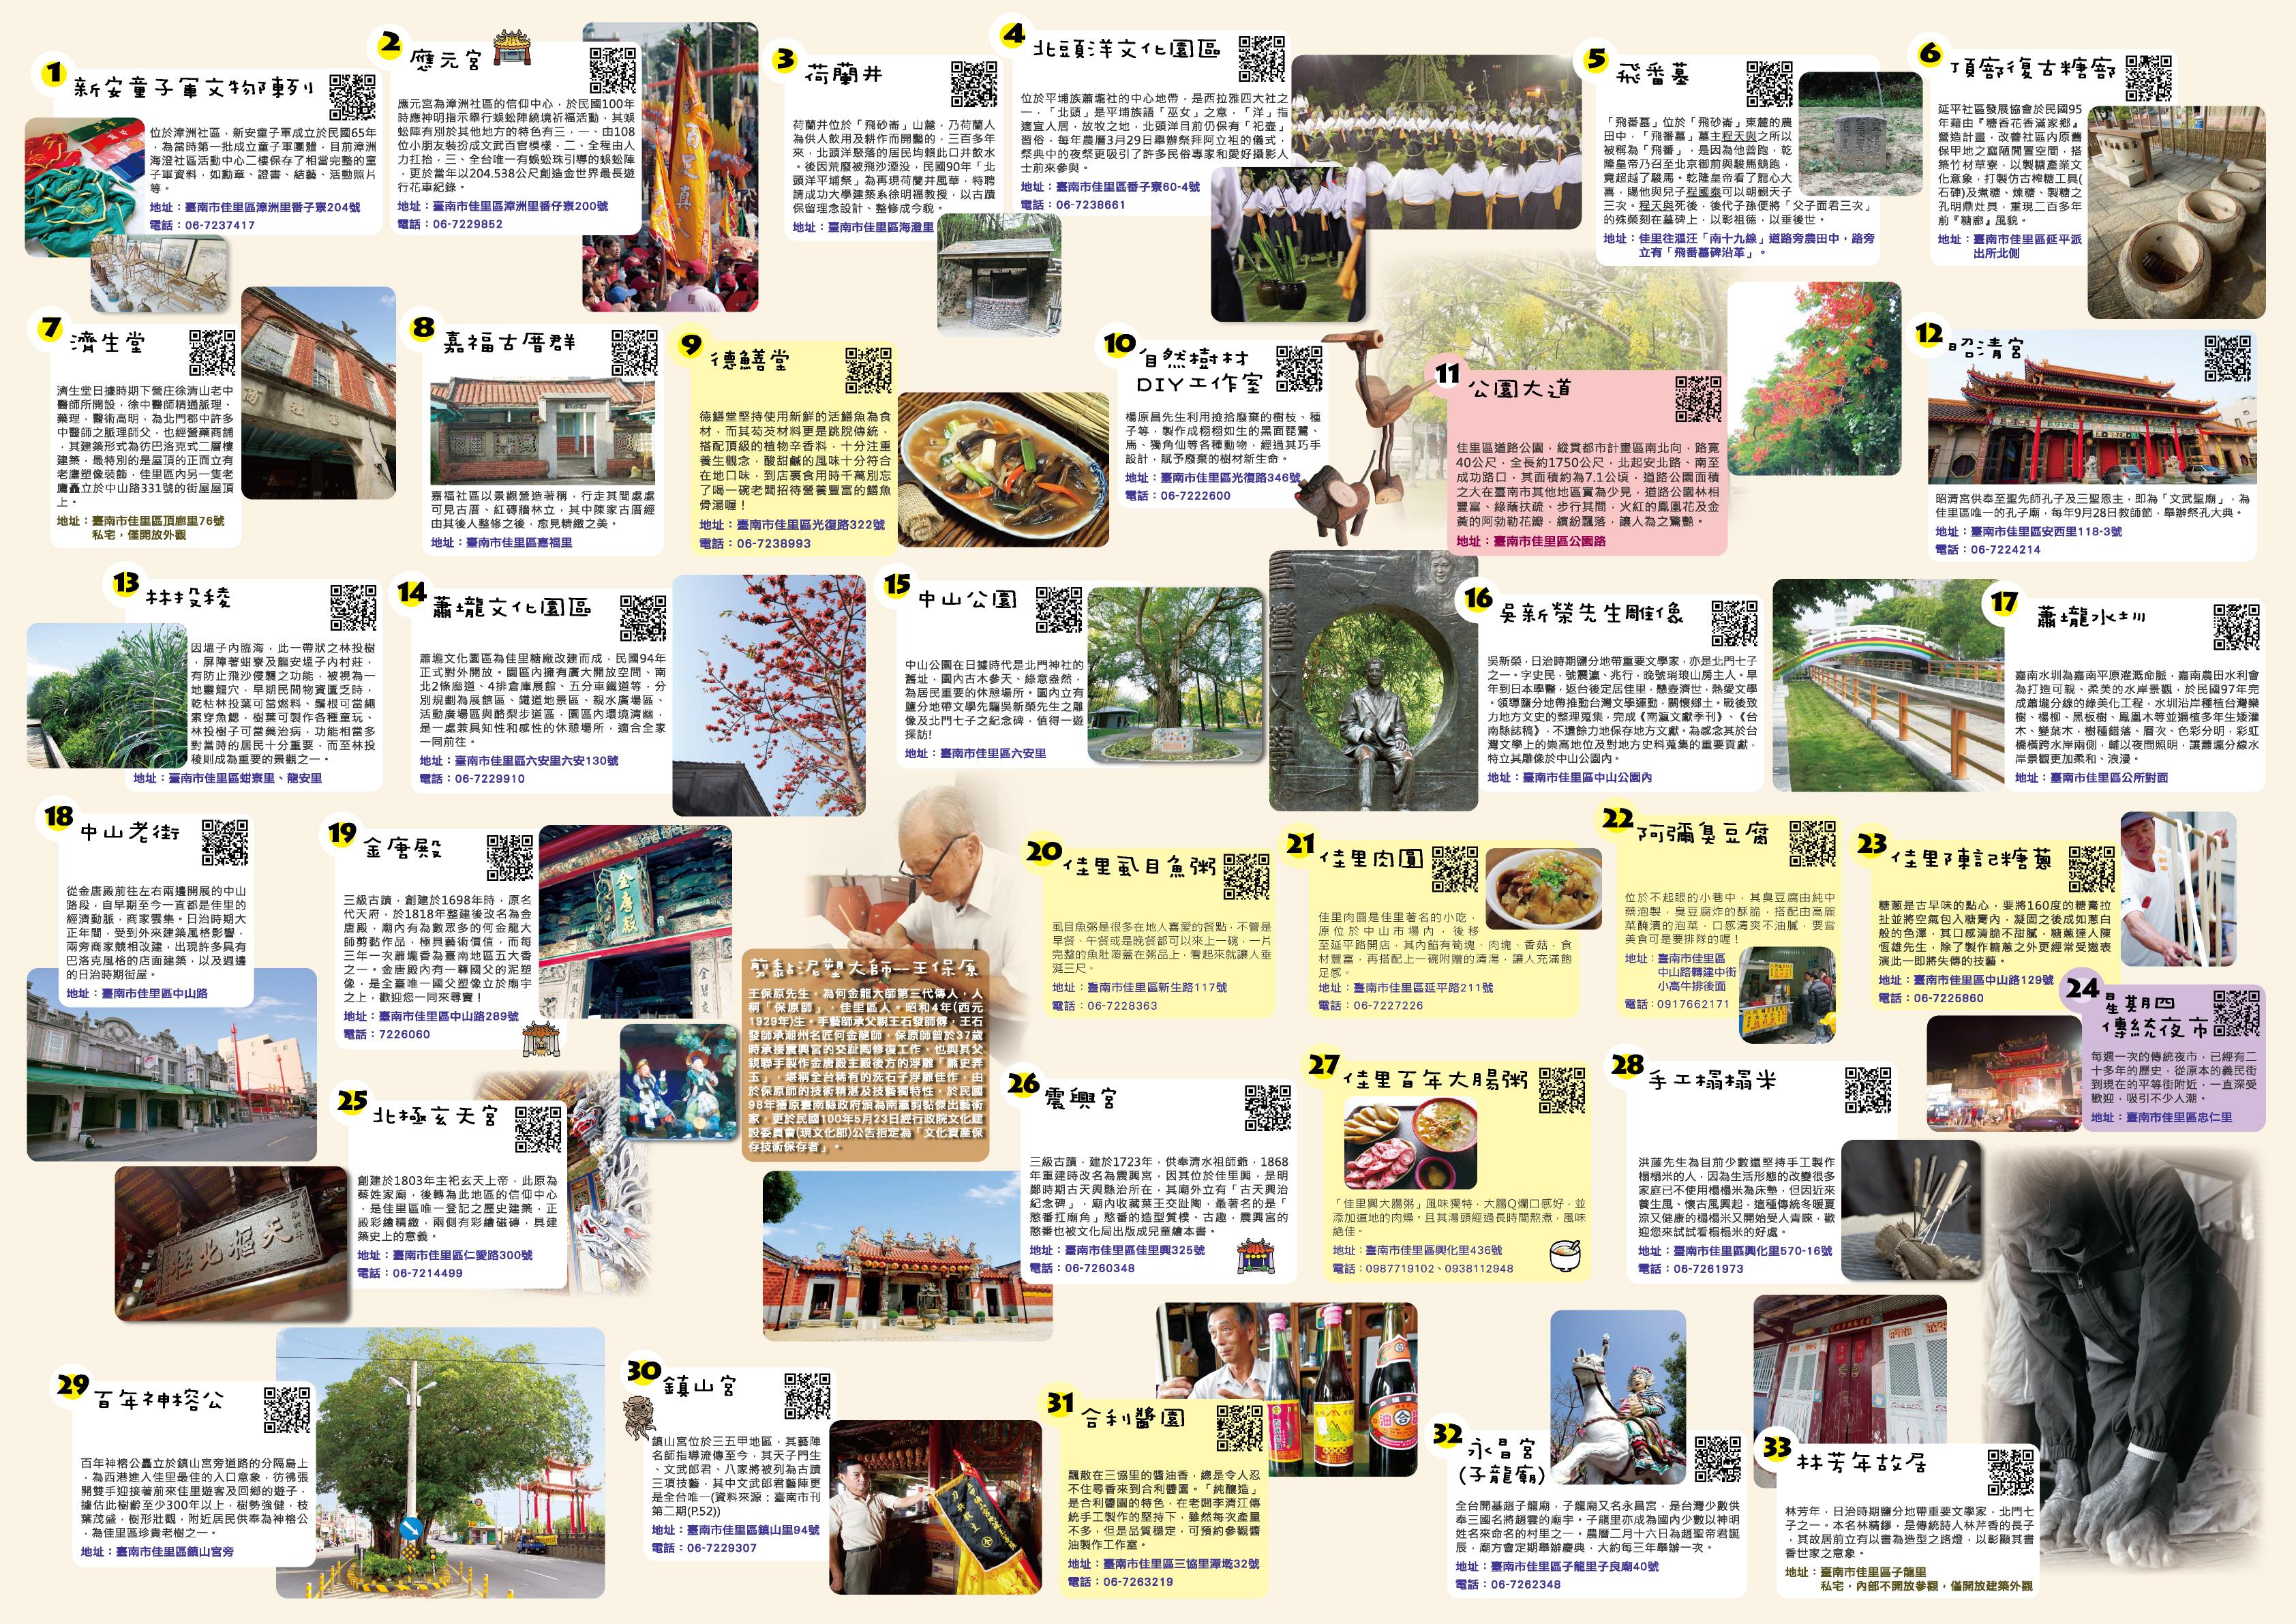 文化導覽地圖背面:各景色及人物說明、QRCODE。